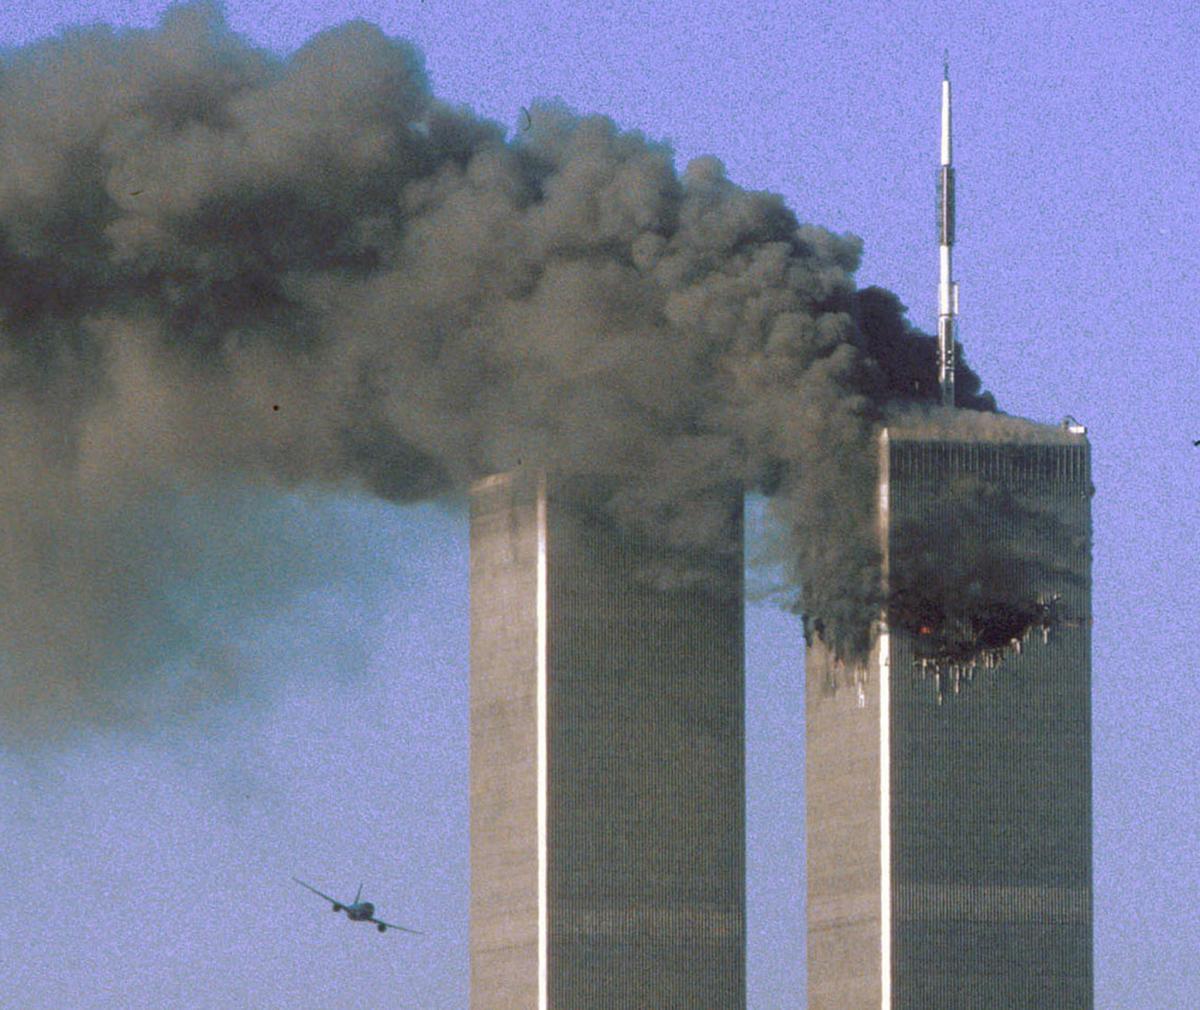 Рассекречены документы по расследованию теракта 11 сентября / фото REUTERS